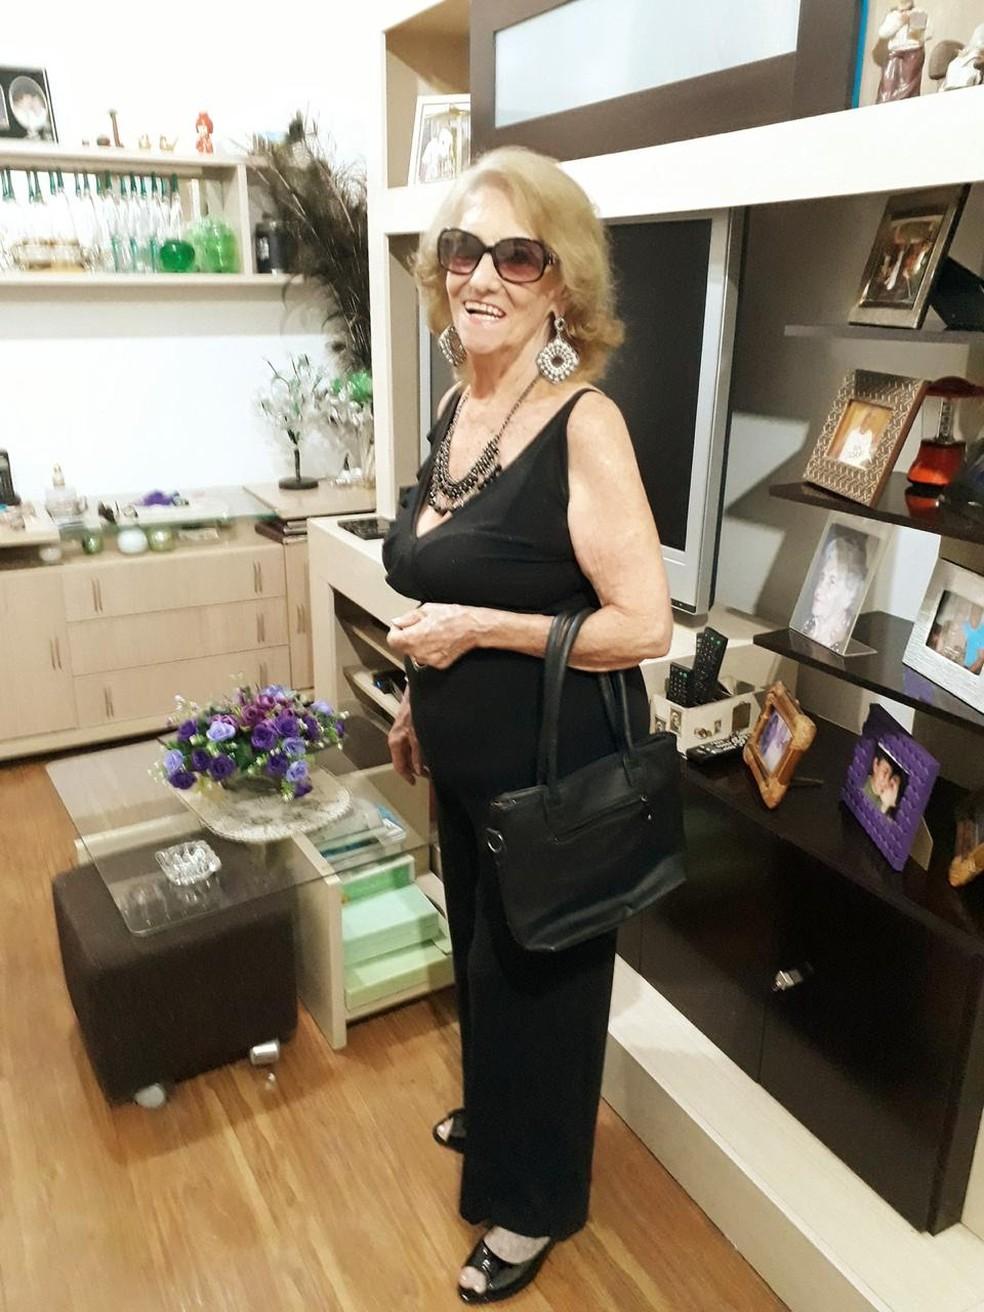 Geoneva Leal, de 86 anos, foi para a casa da filha Júlia, enquanto está em vigor o isolamento social por conta do coronavírus — Foto: Arquivo pessoal